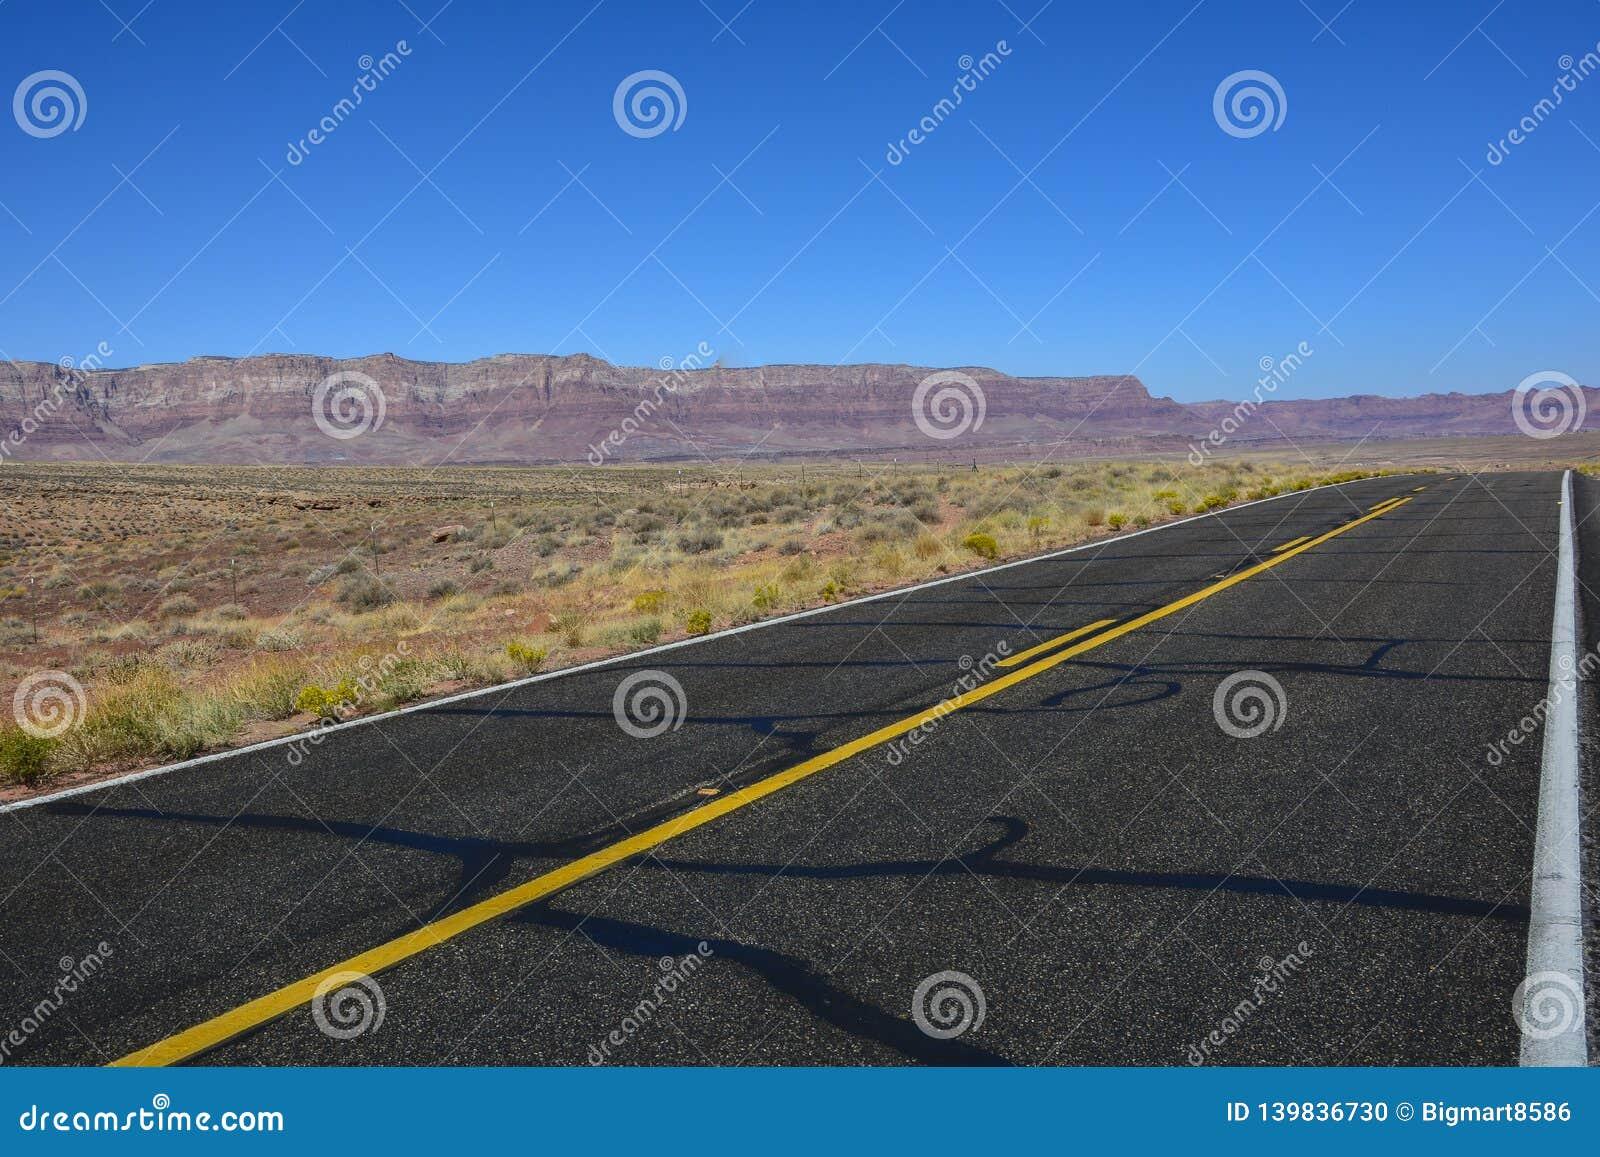 Datenbahn in der Arizona-Wüste